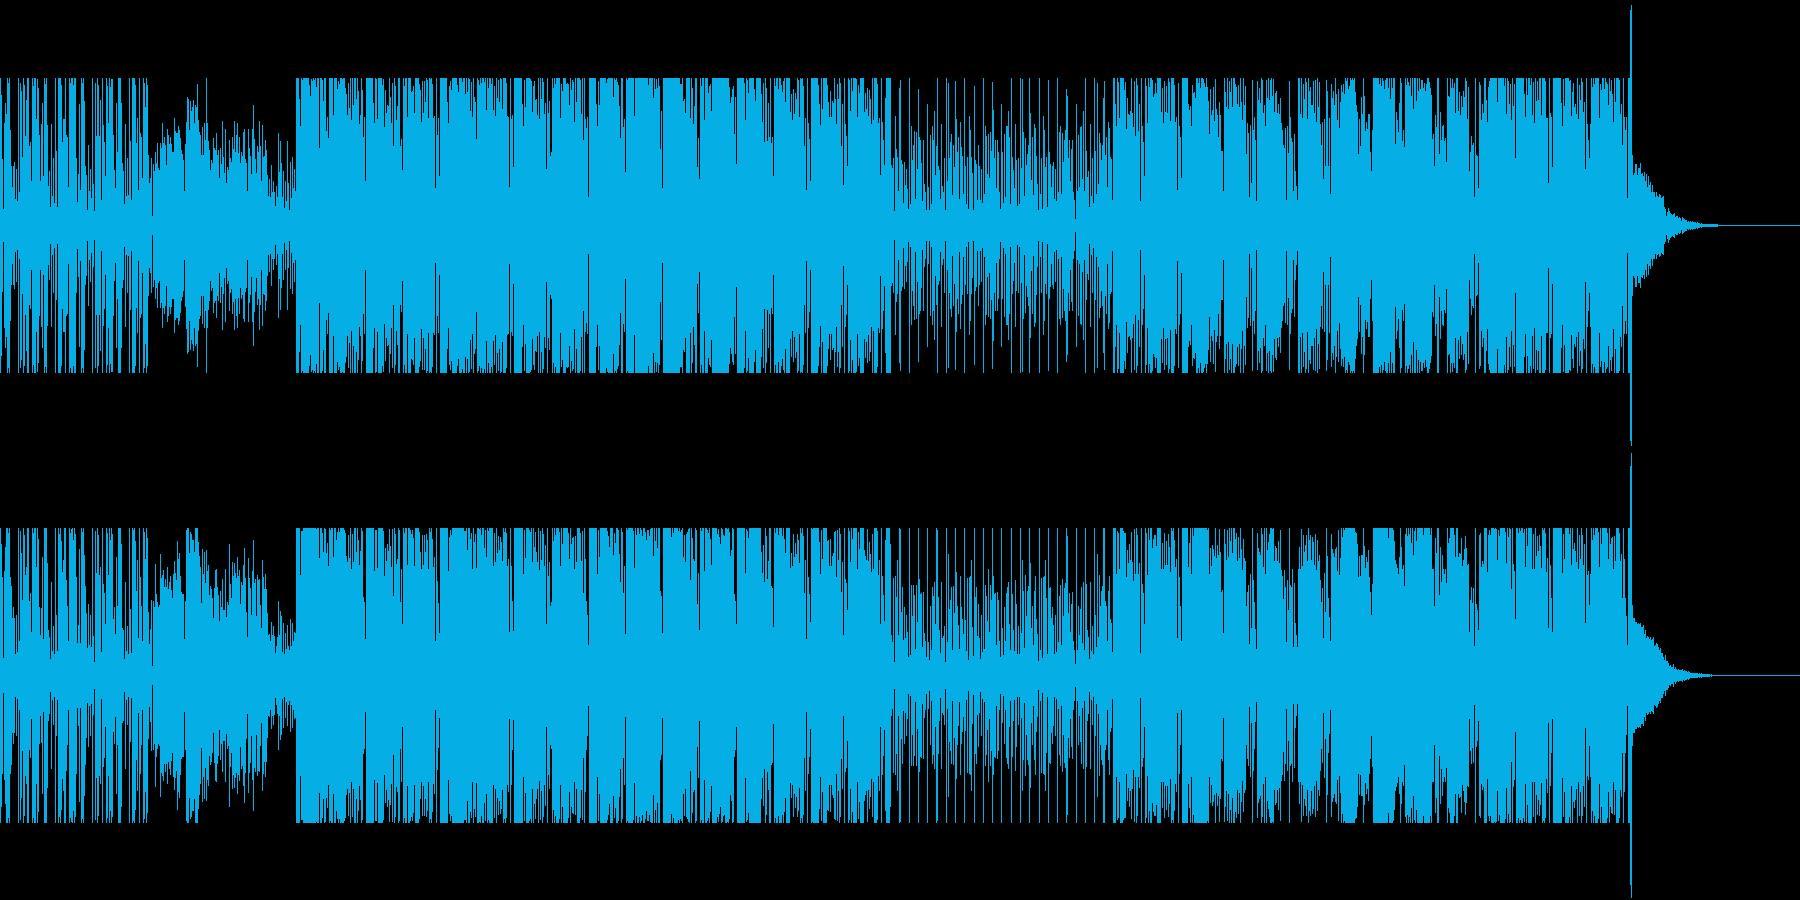 サックスを交えたリズムトラックの再生済みの波形